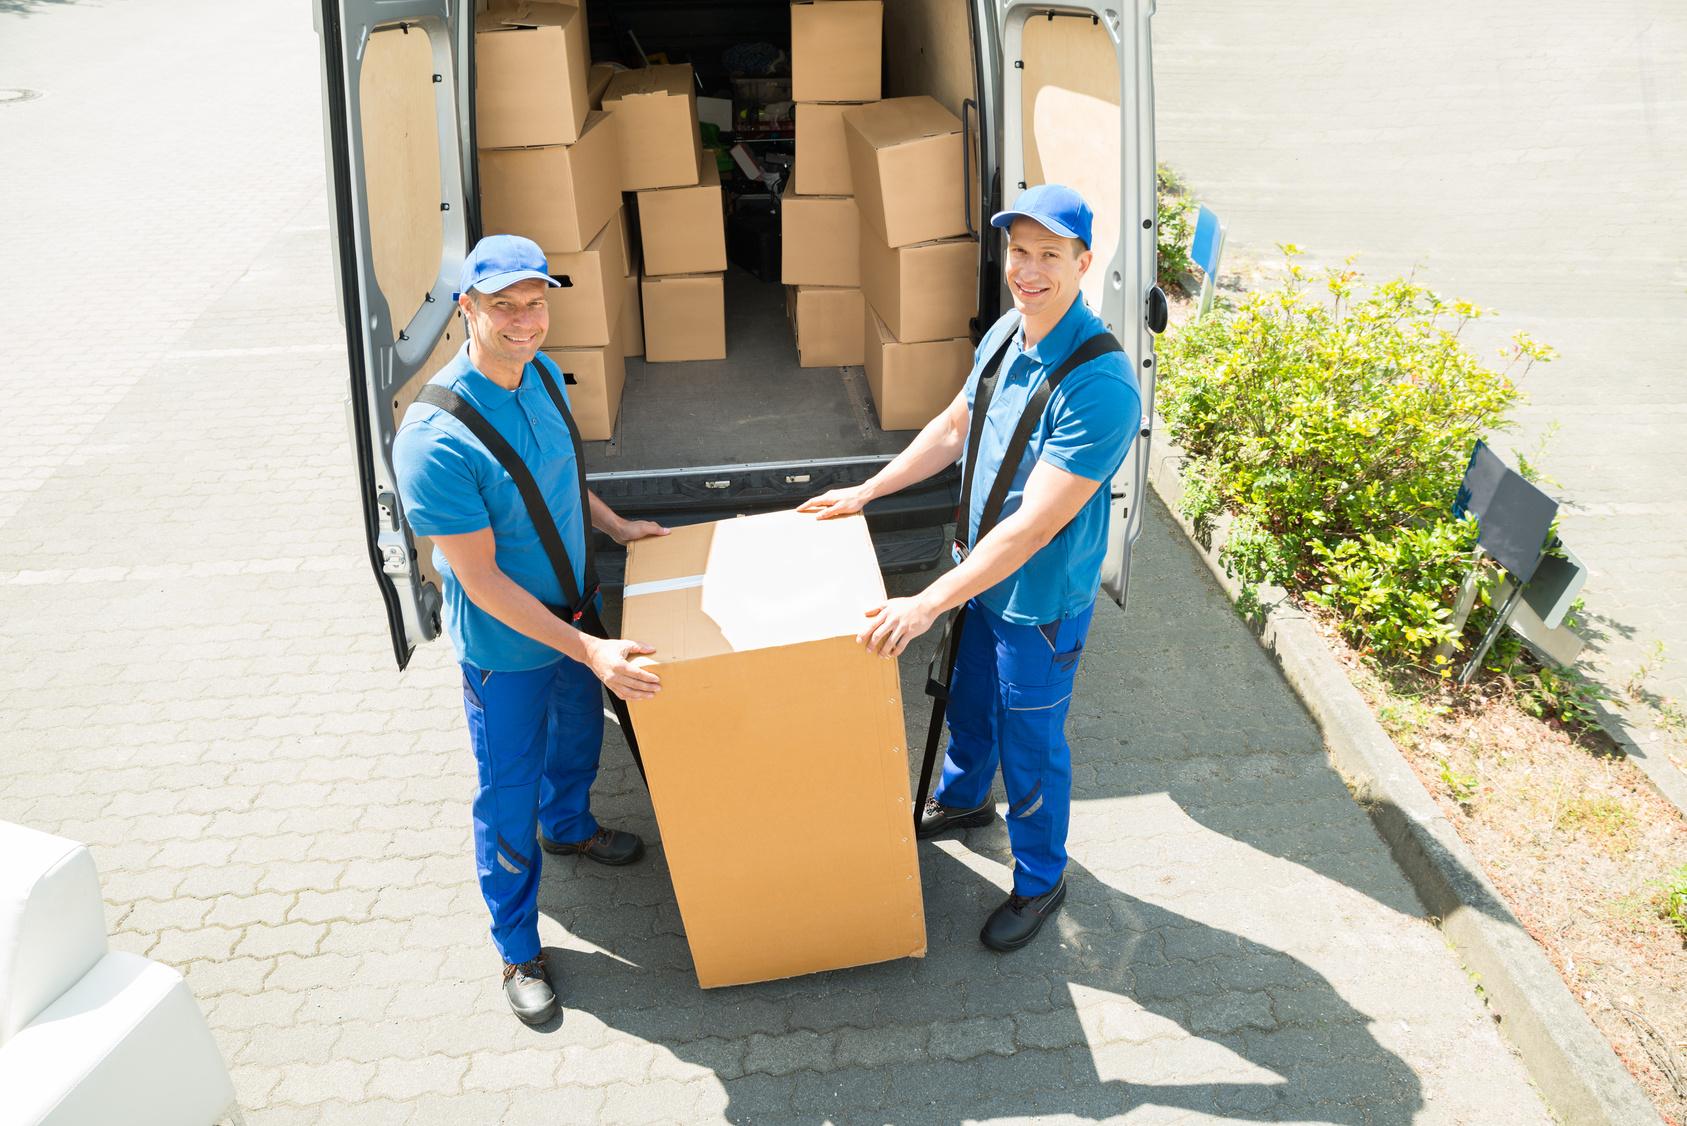 schwere Pakete versenden